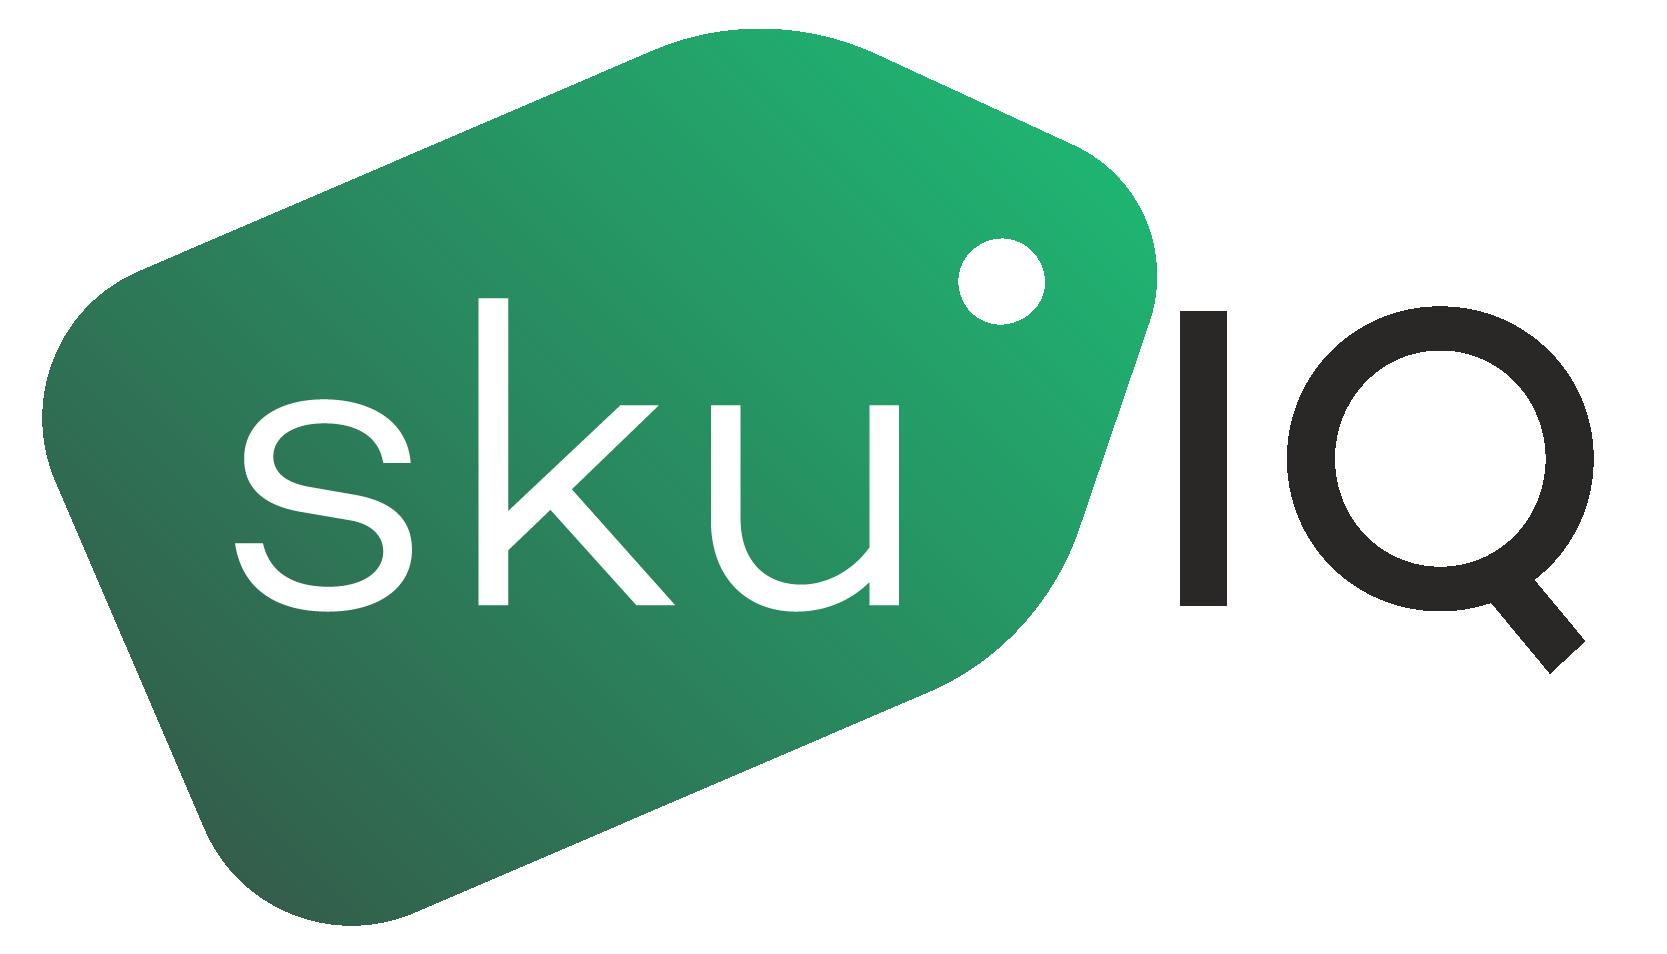 skuIQ_logo gradient-1